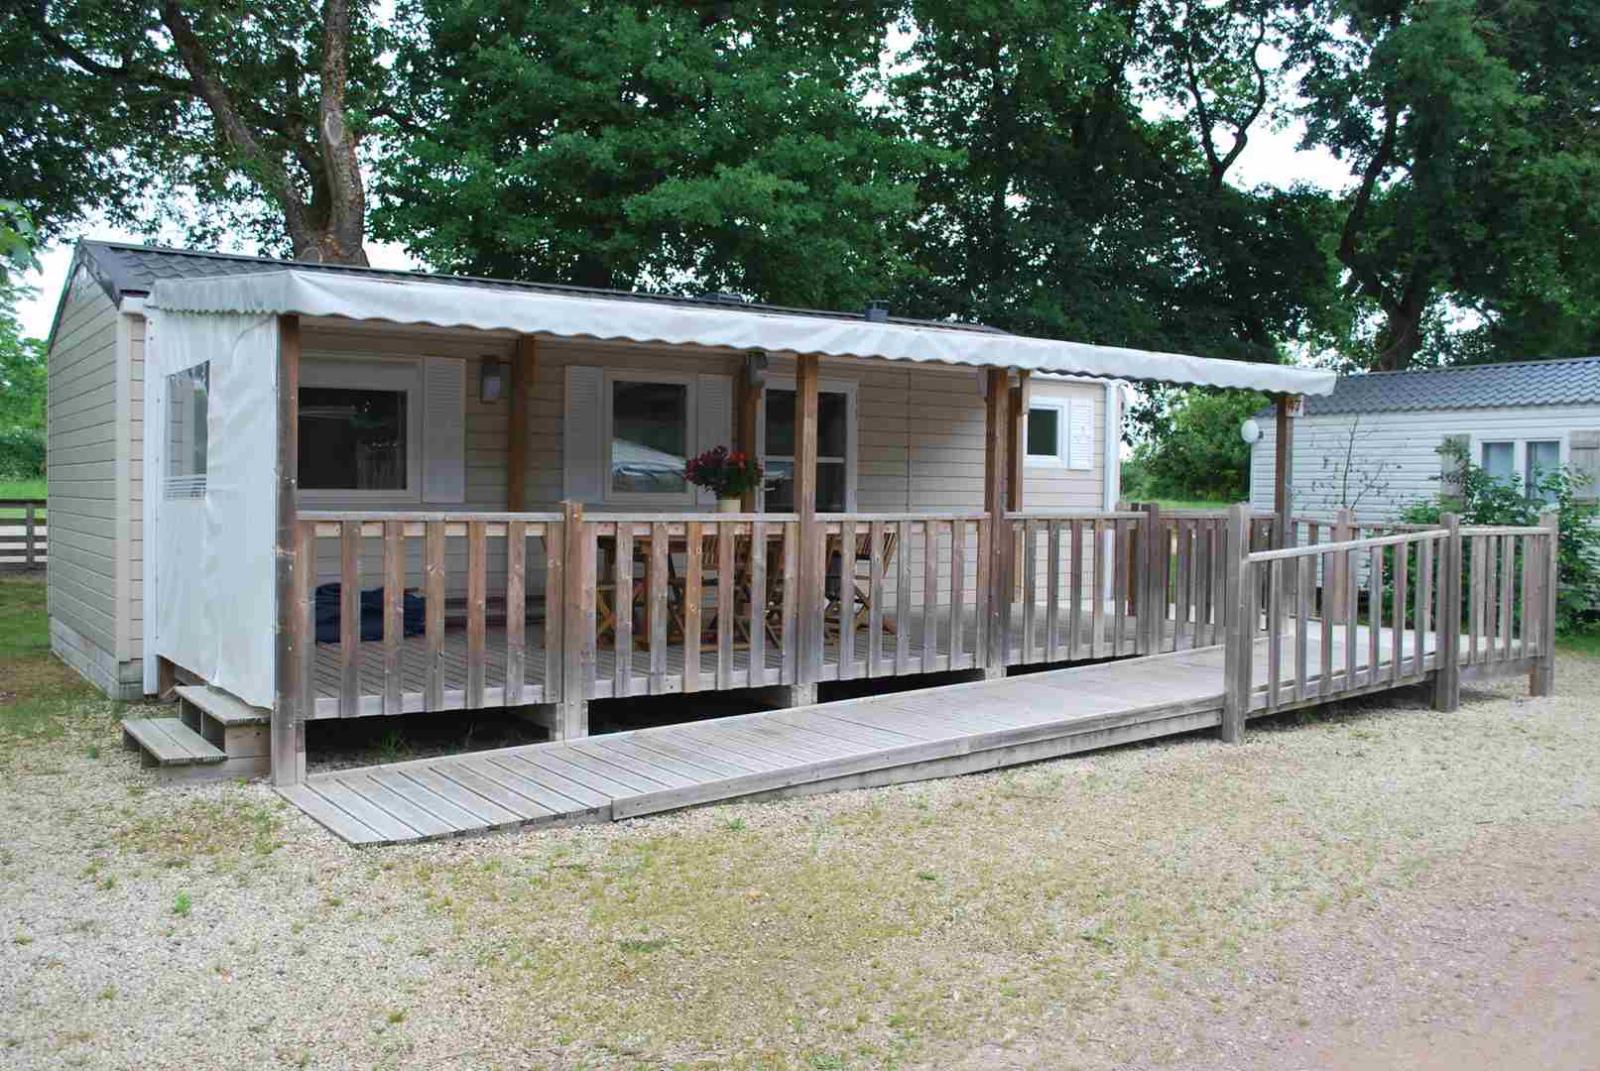 Location - Confort+ Mobil Home 36M² Pmr (2 Chambres) + Terrasse Couverte - Camping Du Lac de la Chausselière